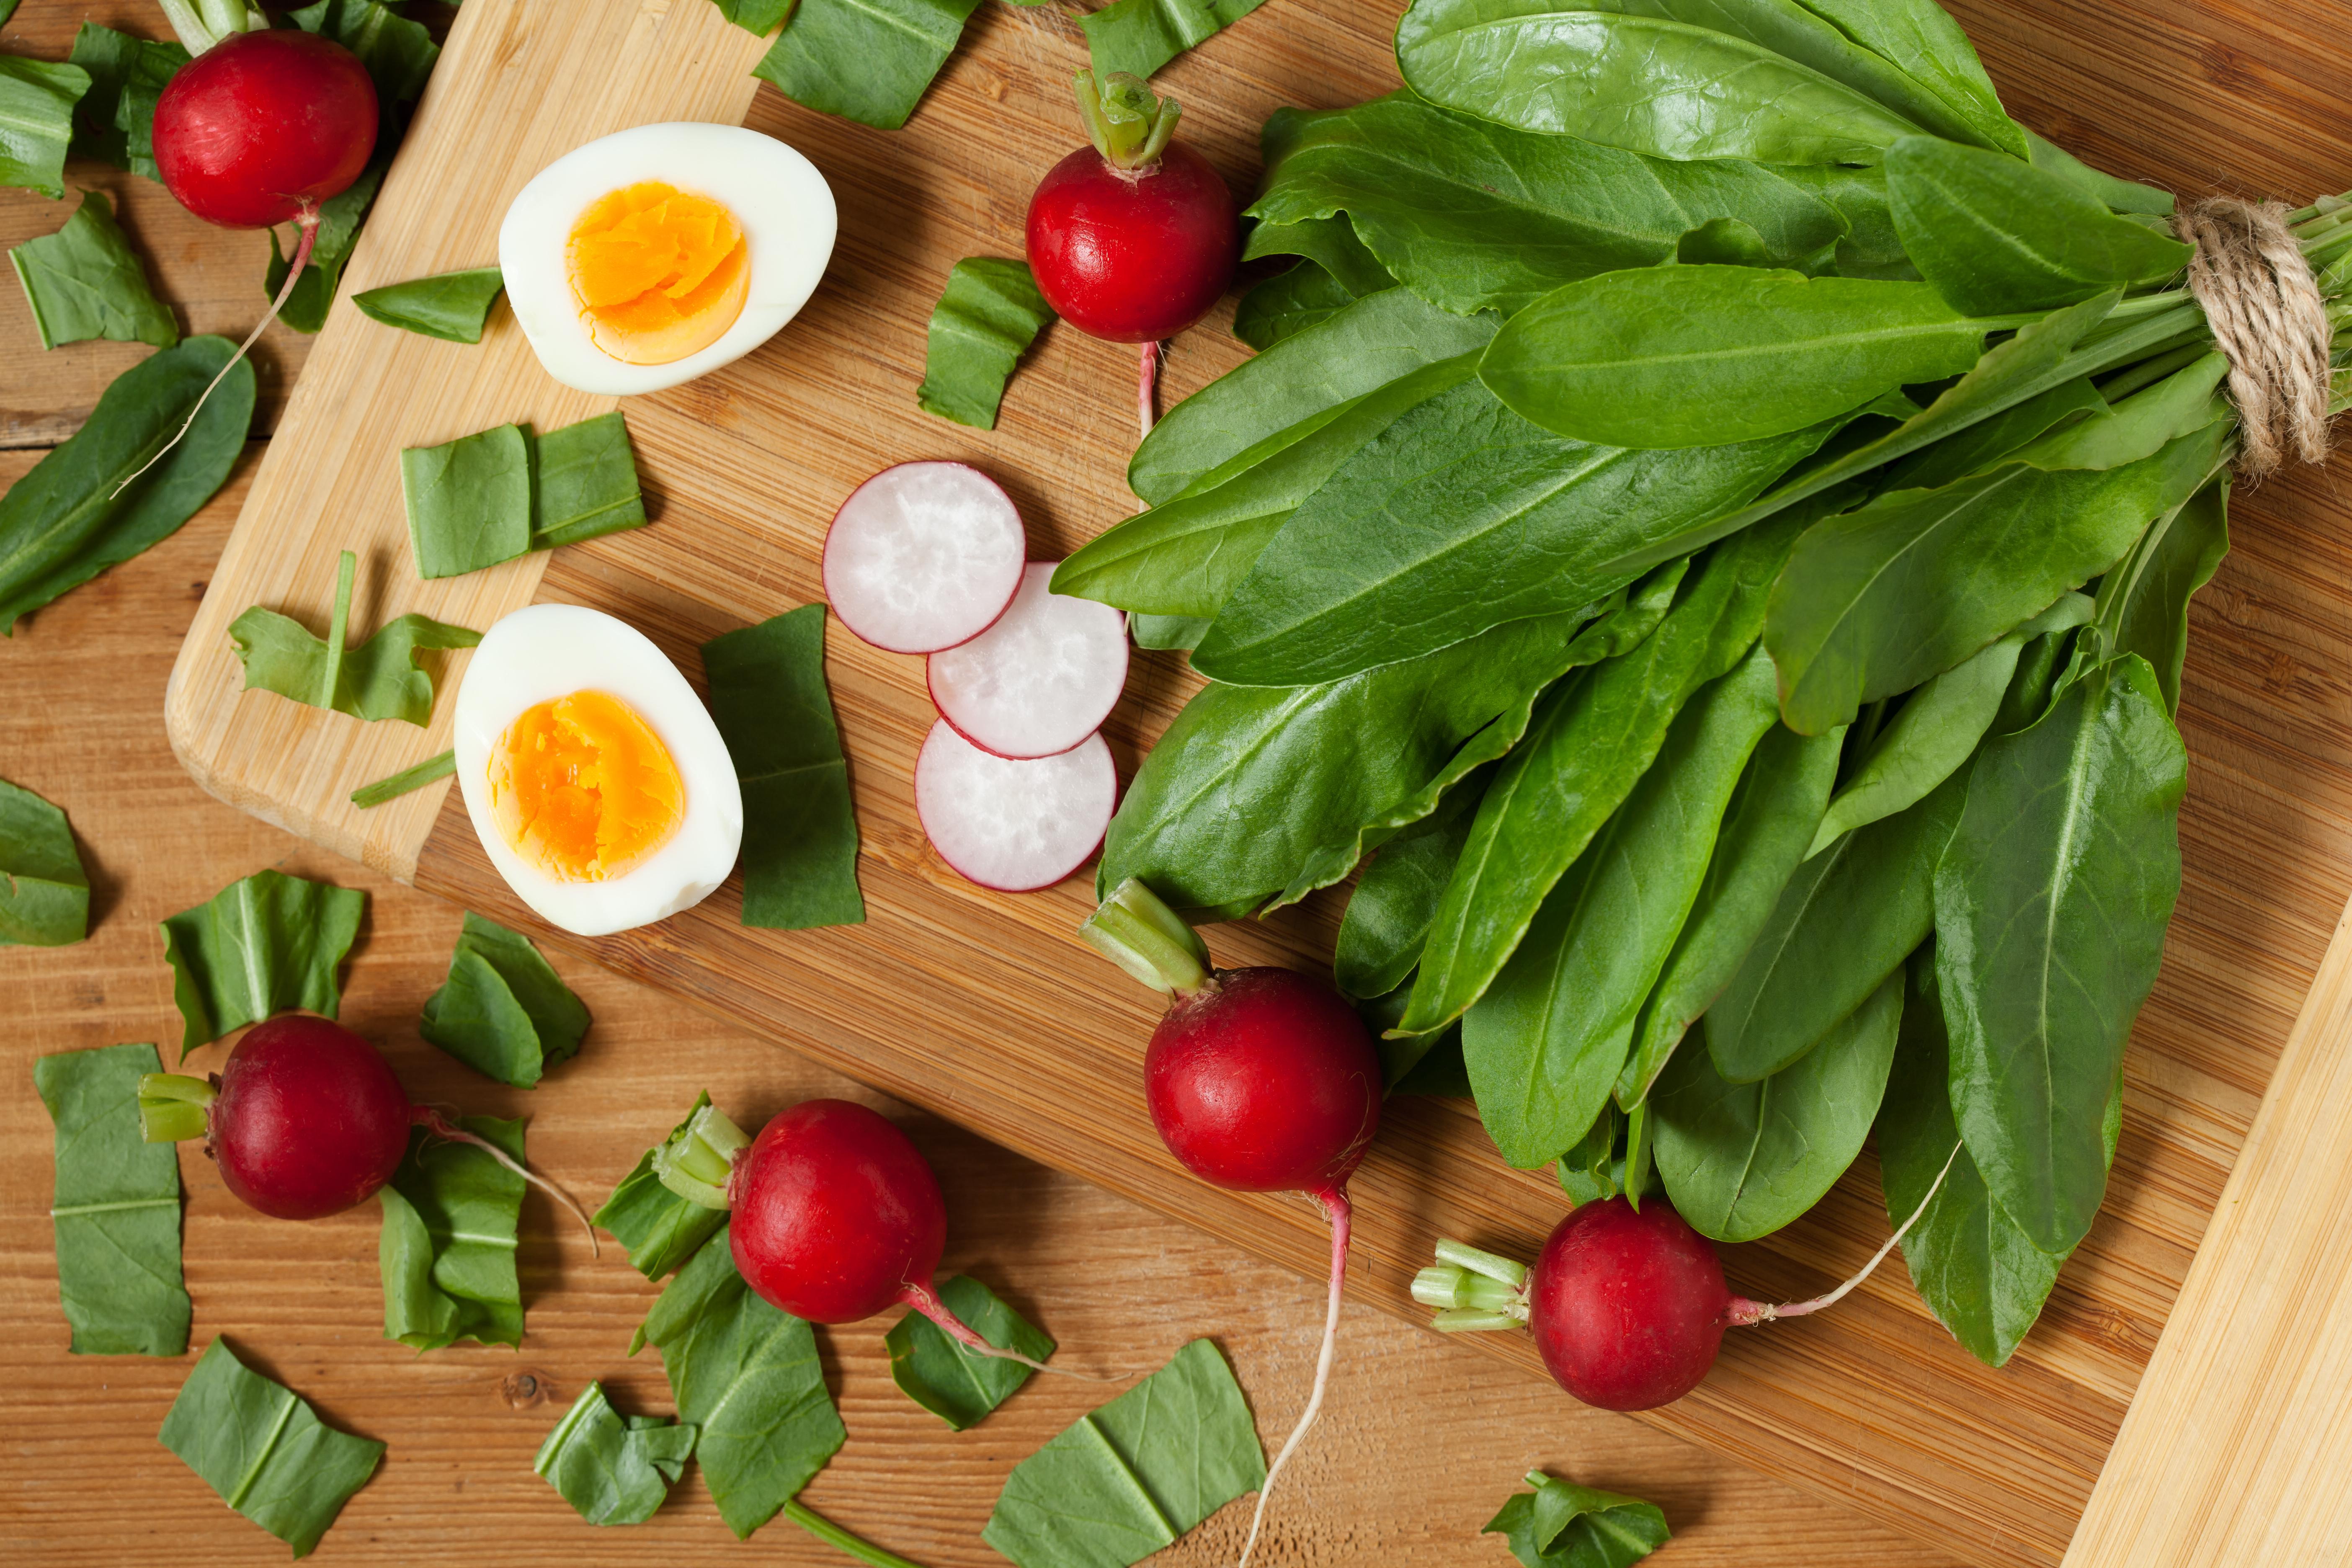 Редиска, щавель и яйца для салата